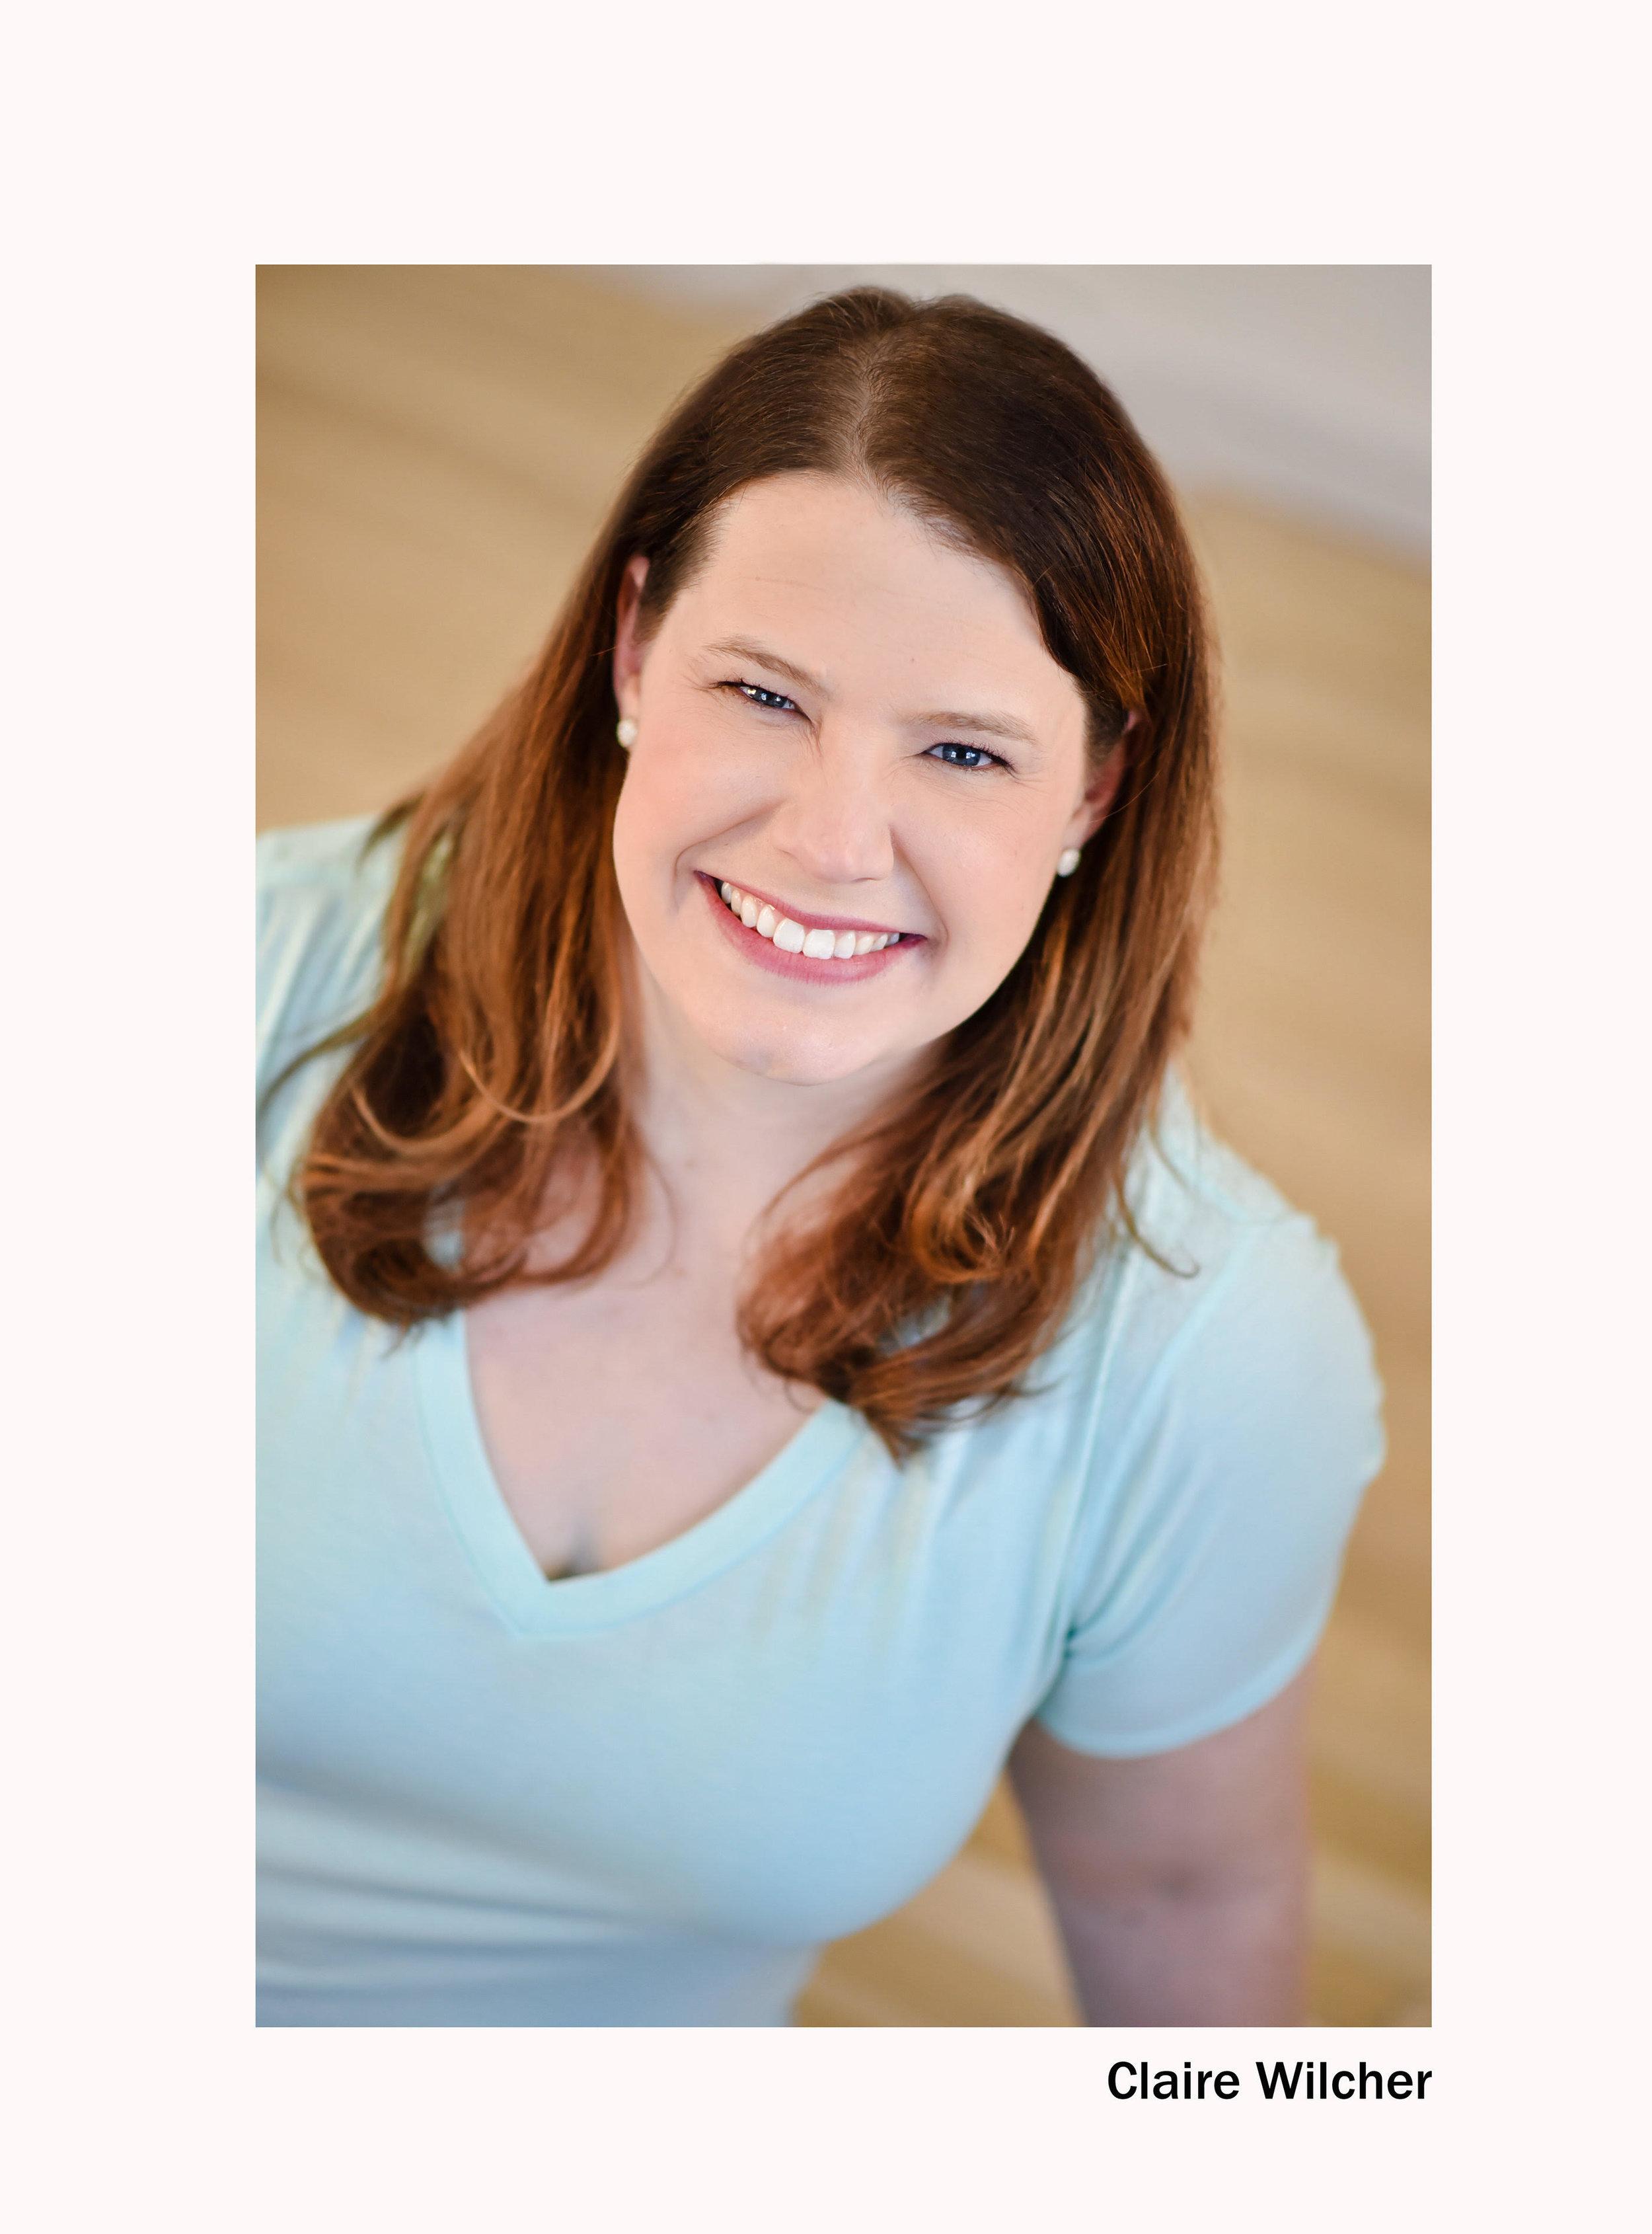 Claire Wilcher